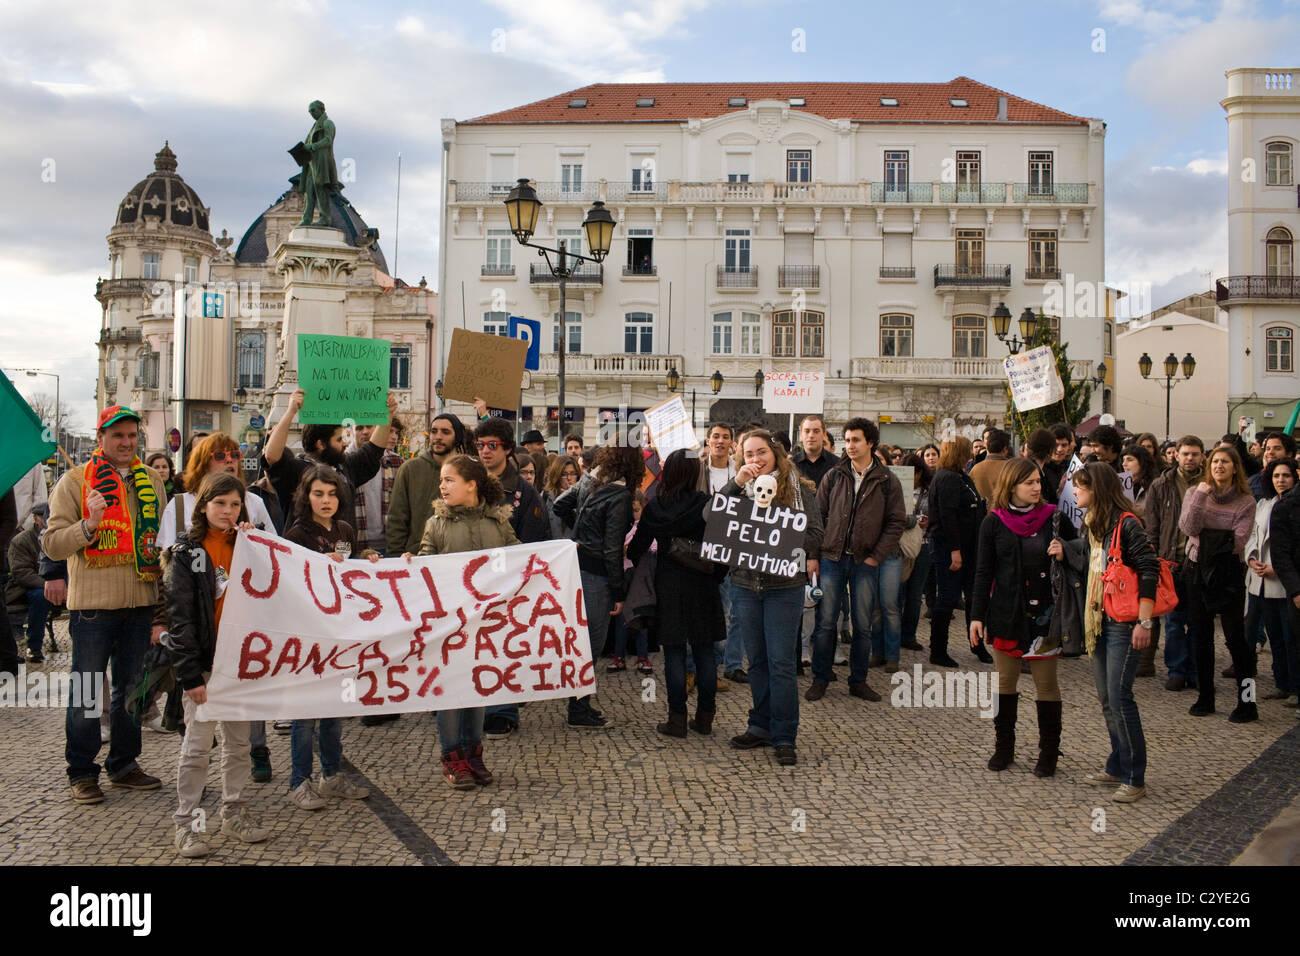 Banque mondiale, anti-pro-jobs protester à Coimbra, Portugal Photo Stock